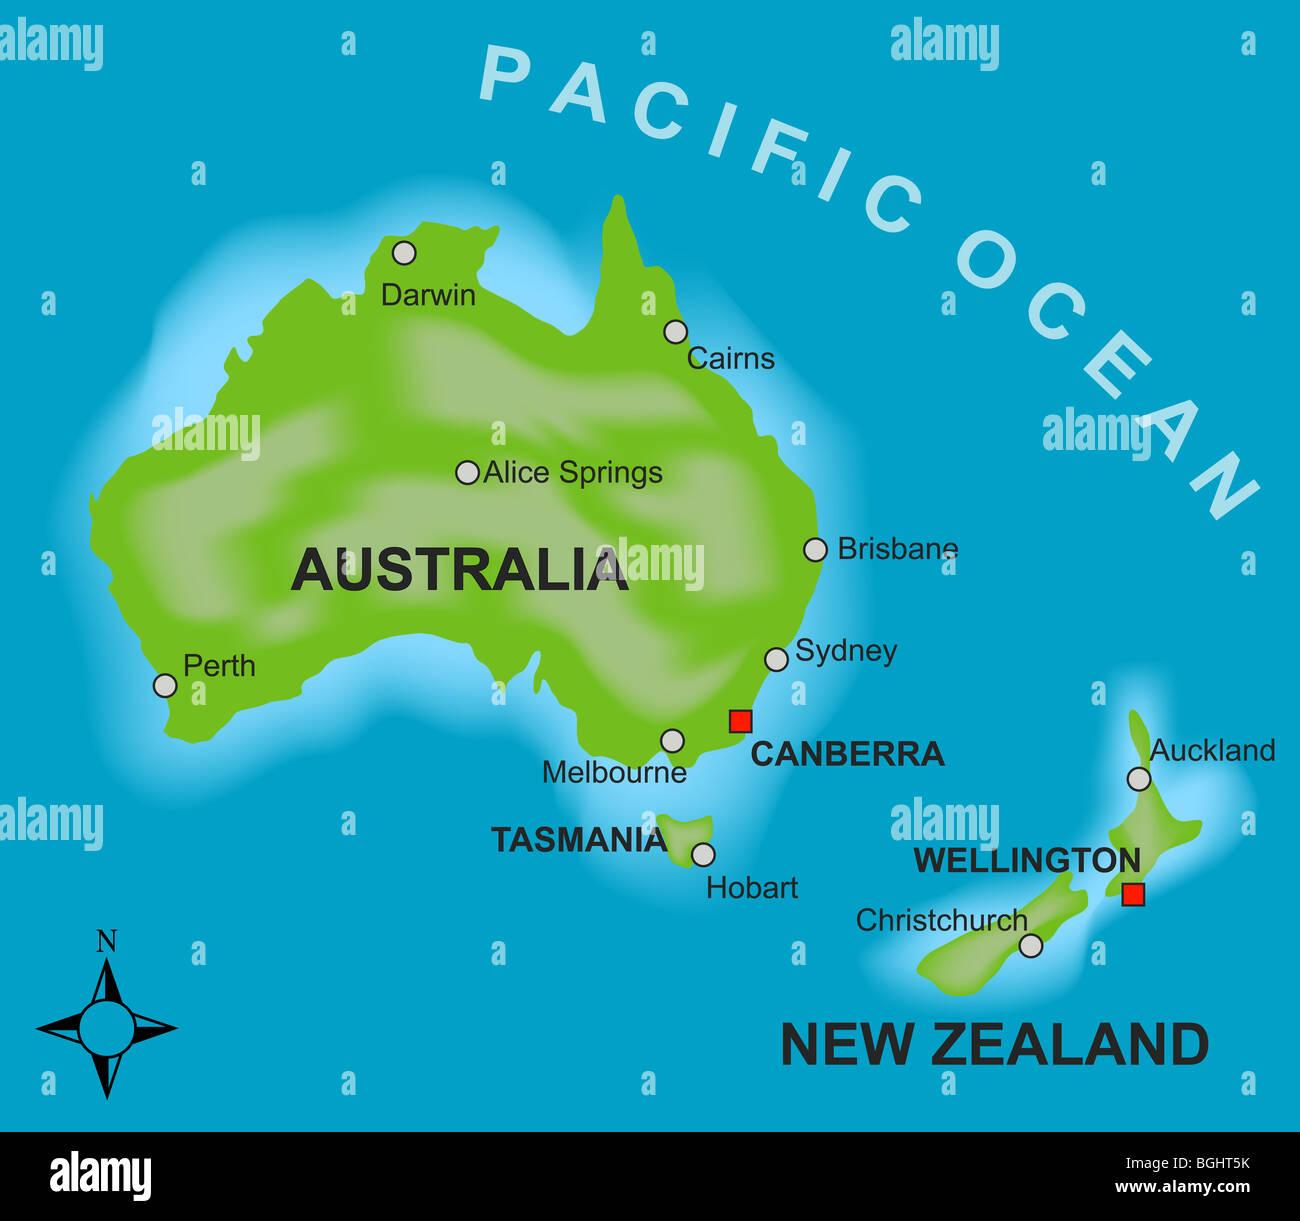 Cartina Geografica Australia E Nuova Zelanda.Una Mappa Stilizzata Che Mostra I Paesi Di Australia E Nuova